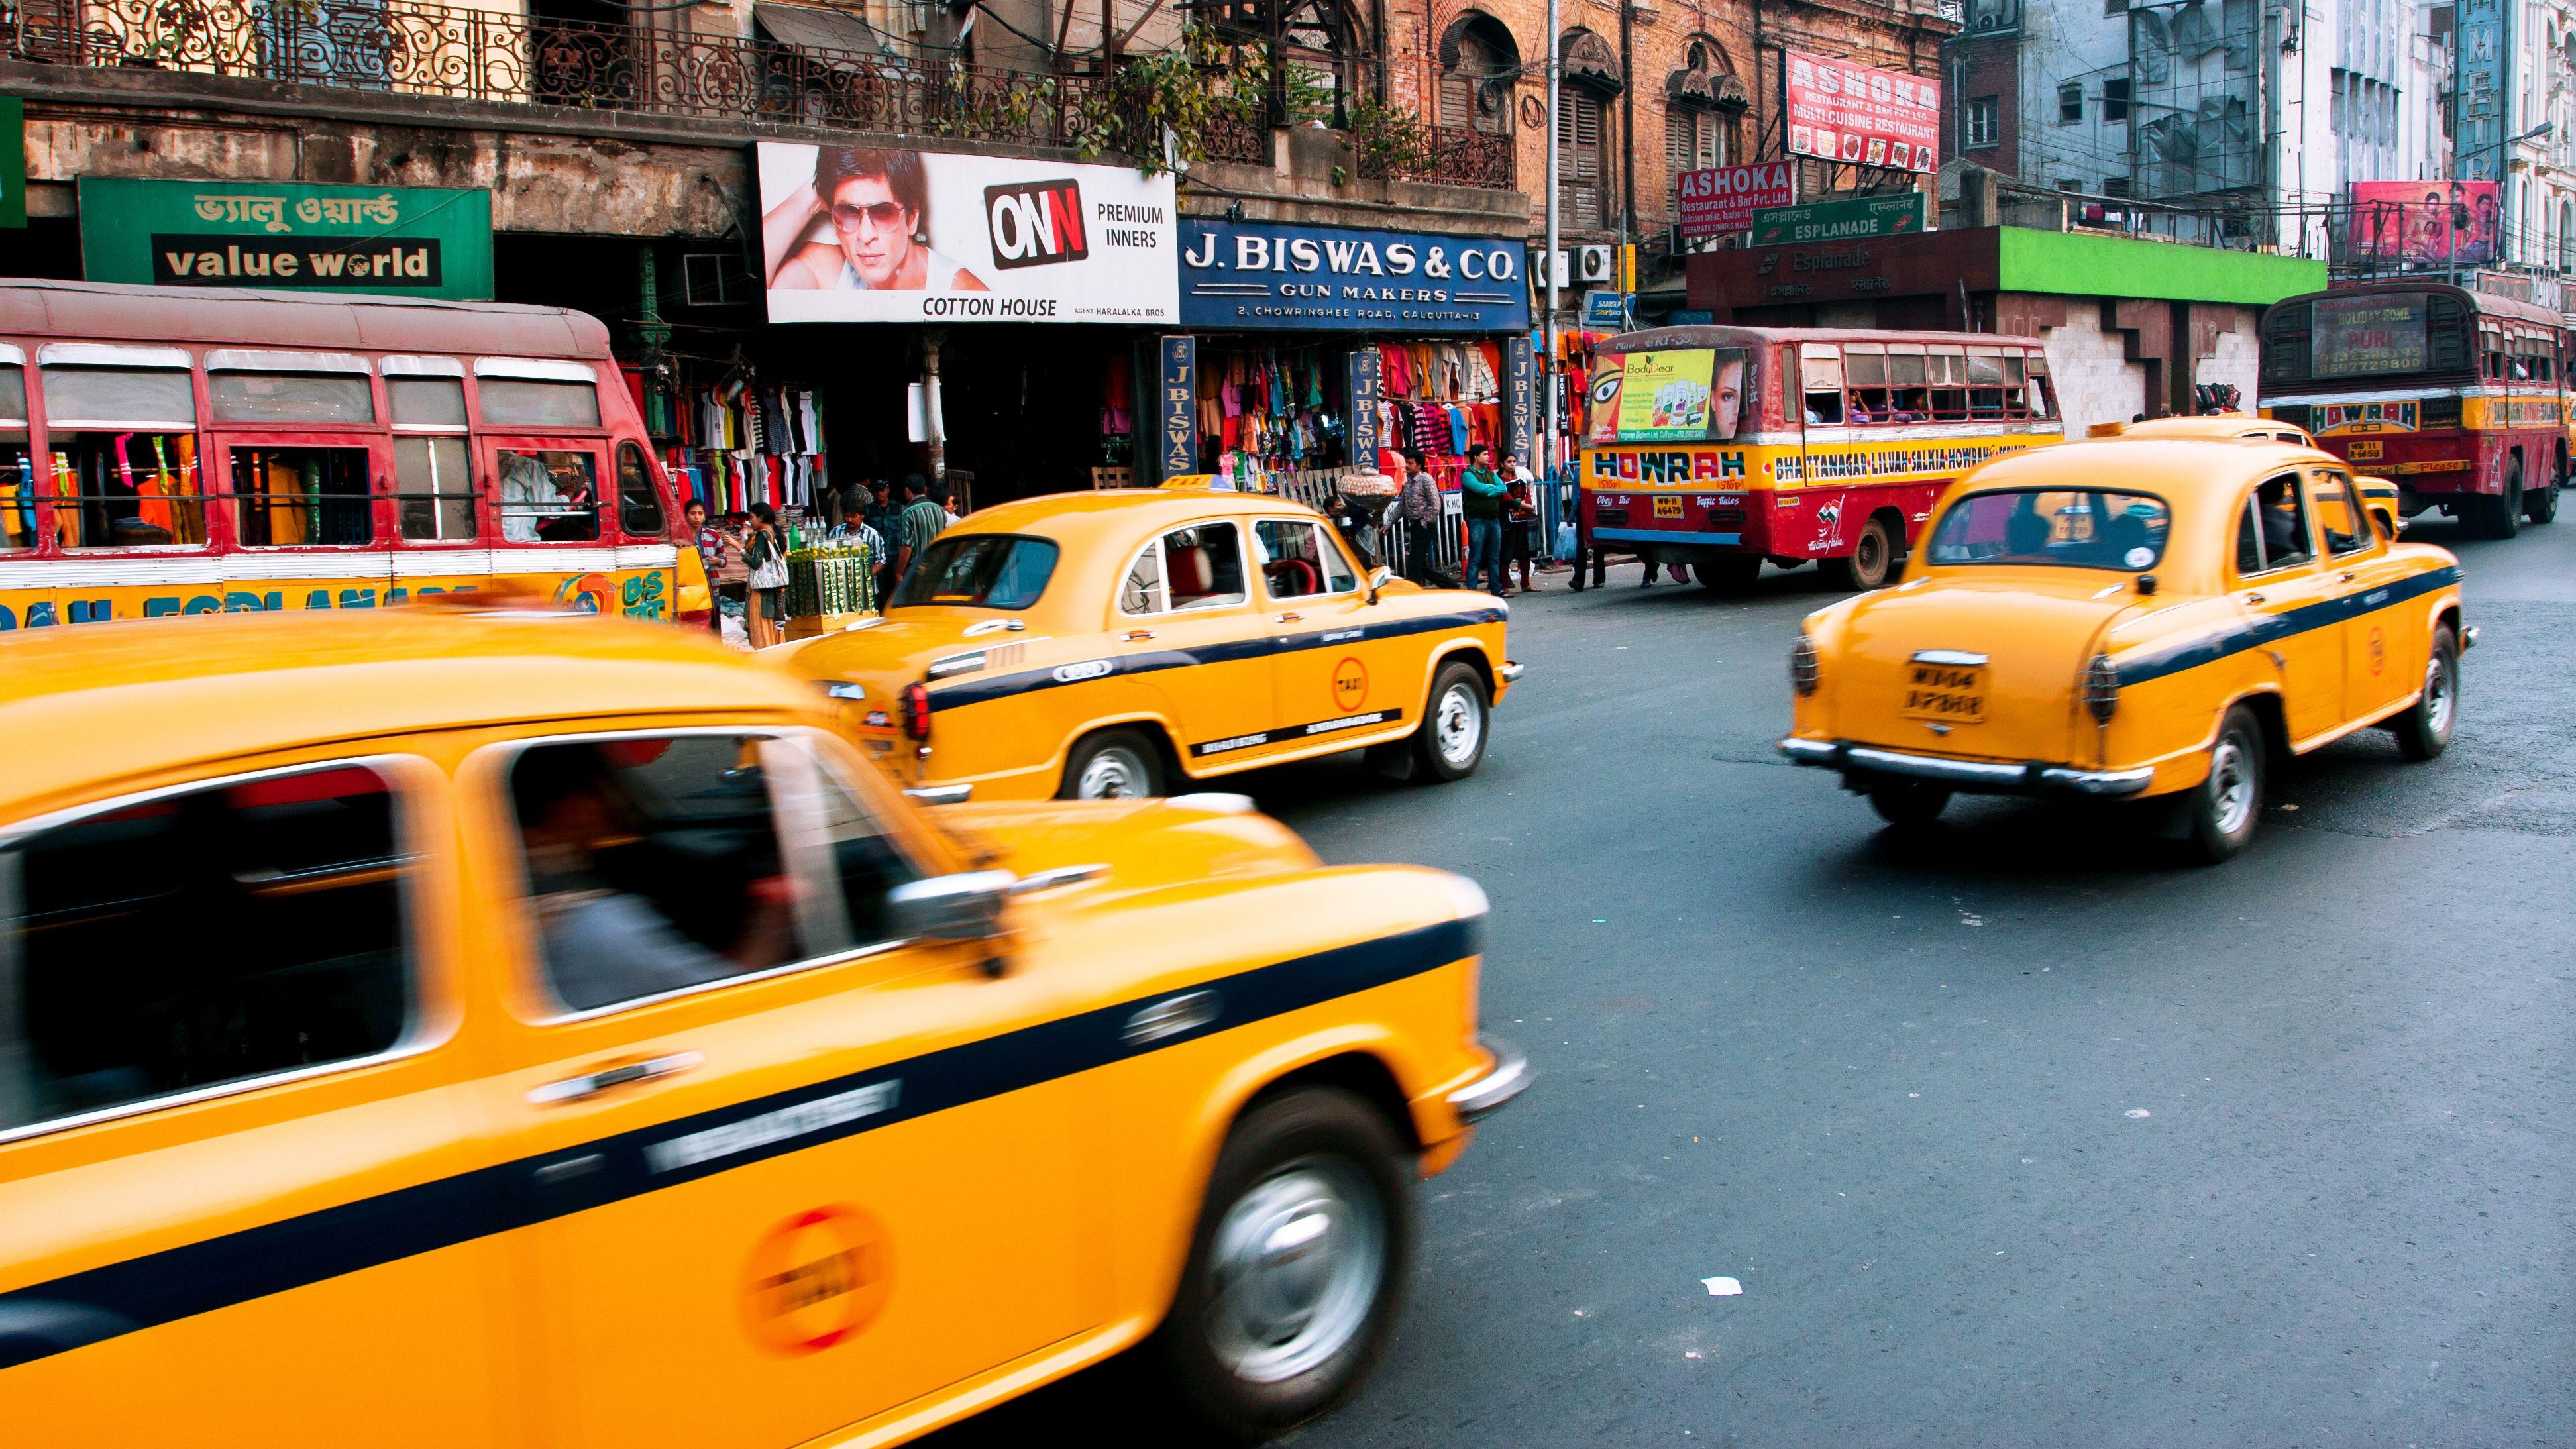 Slår hardt ned på Internett-baserte taxitjenester etter at Uber-sjåfør voldtok kvinne